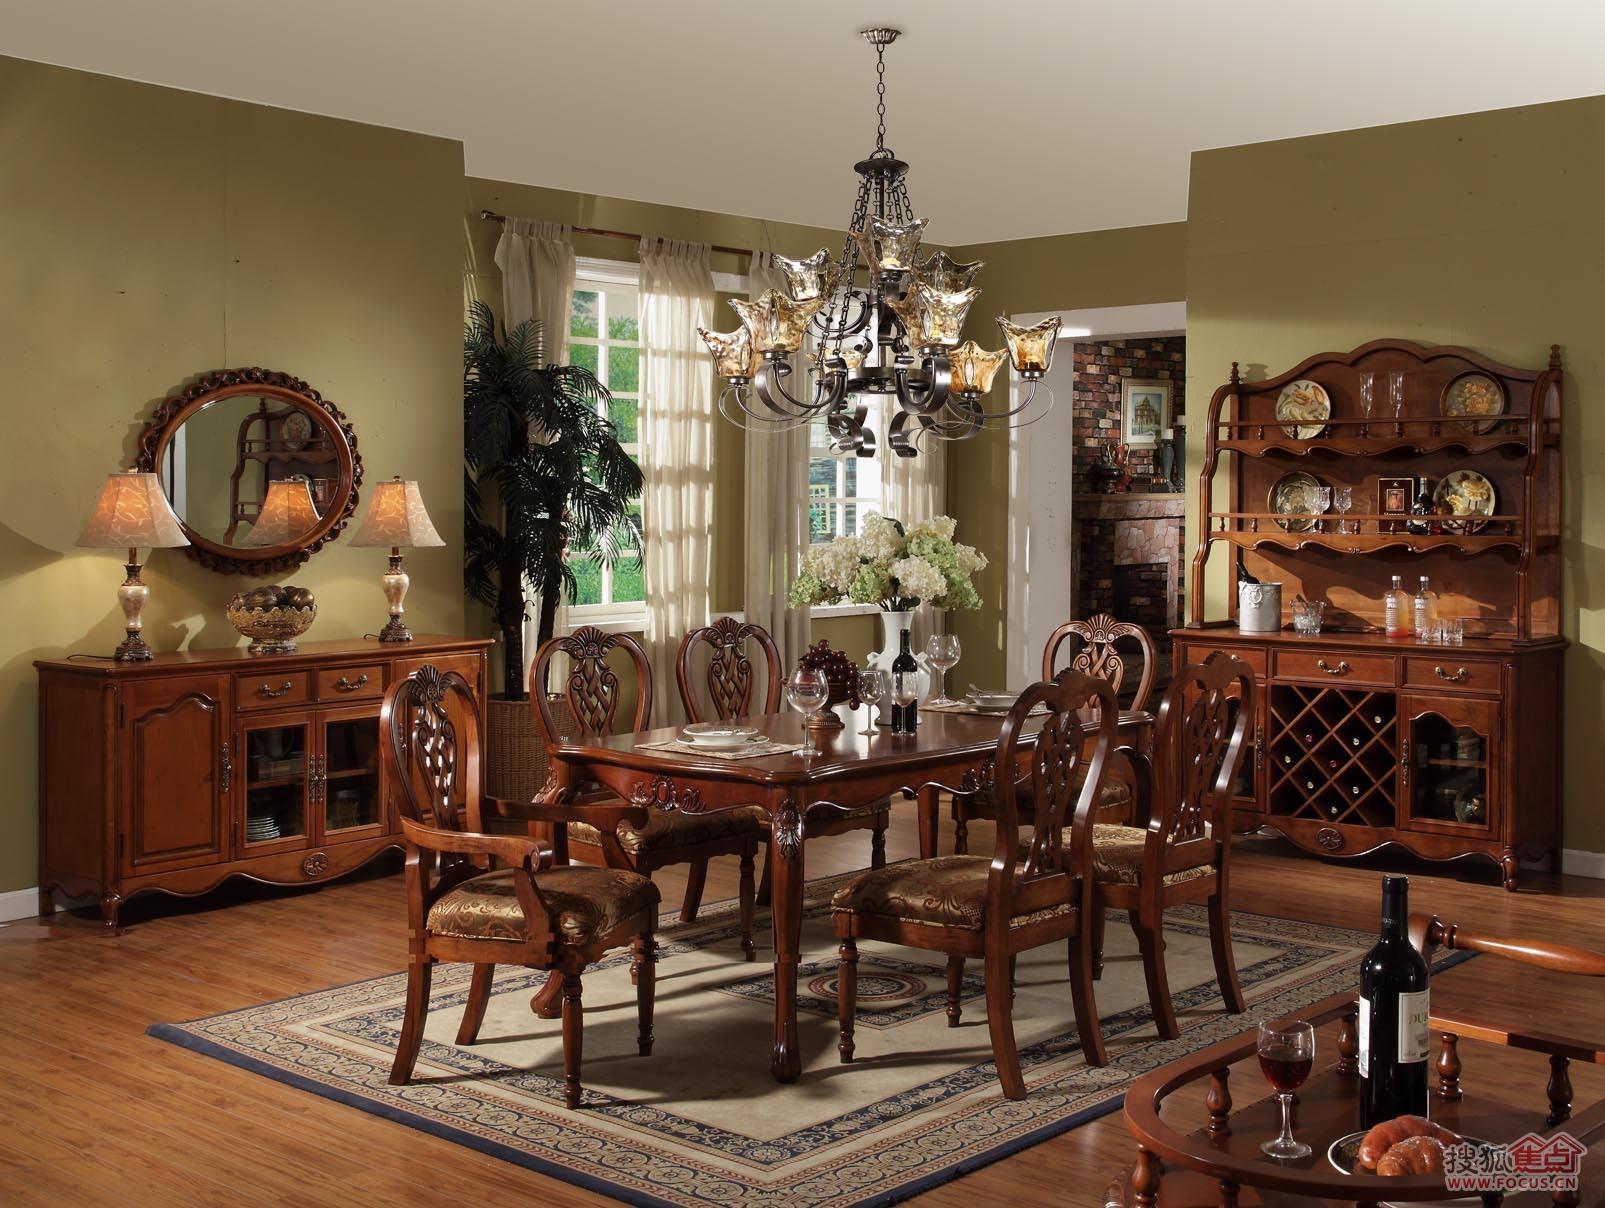 美式餐厅一桌六椅图片